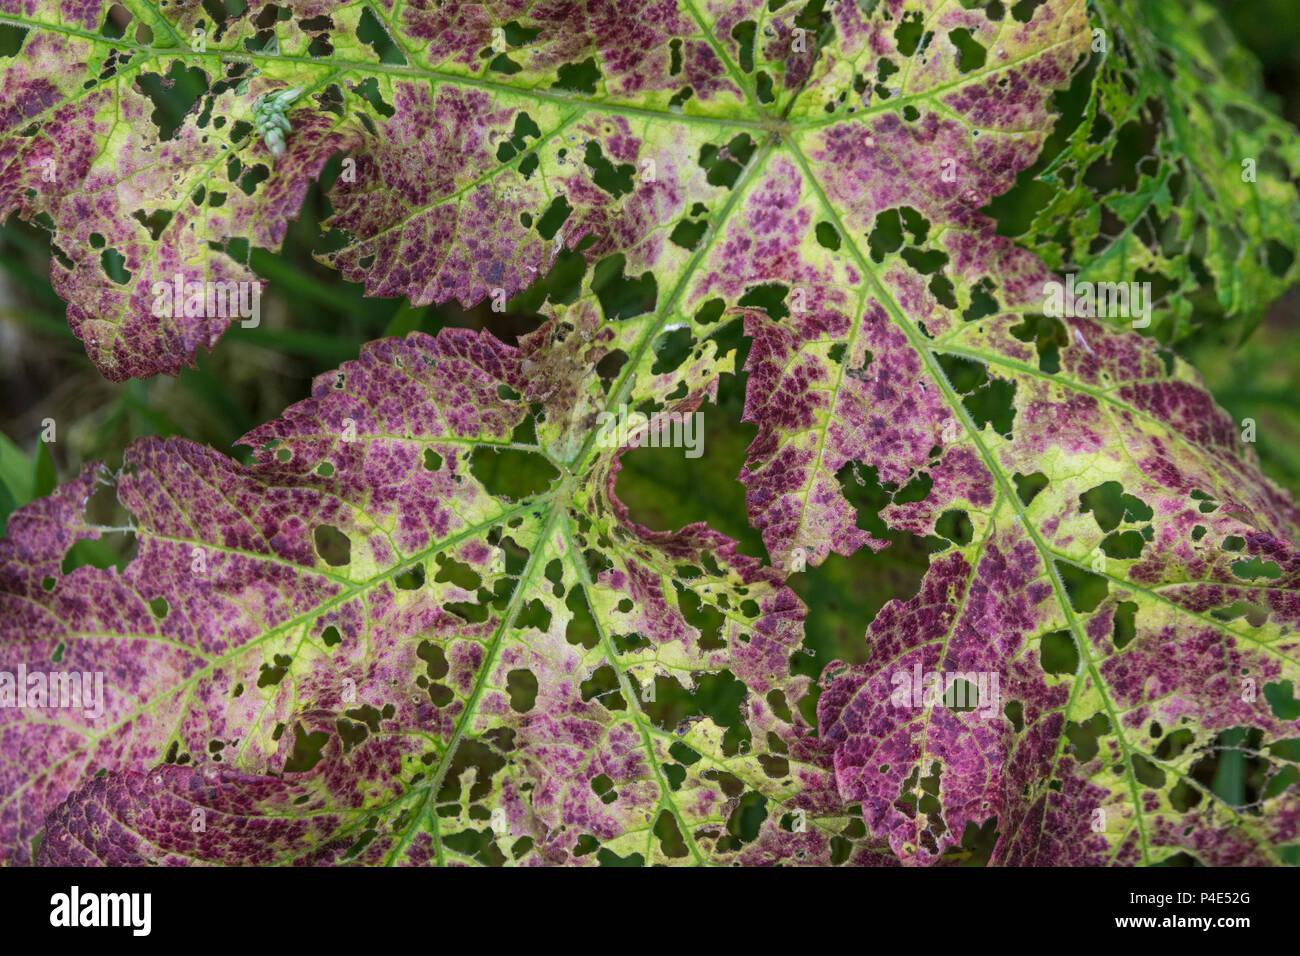 Hogweed / Cow Parsnip - diseased leaf of Hogweed (Heracleum sphondylium). - Stock Image